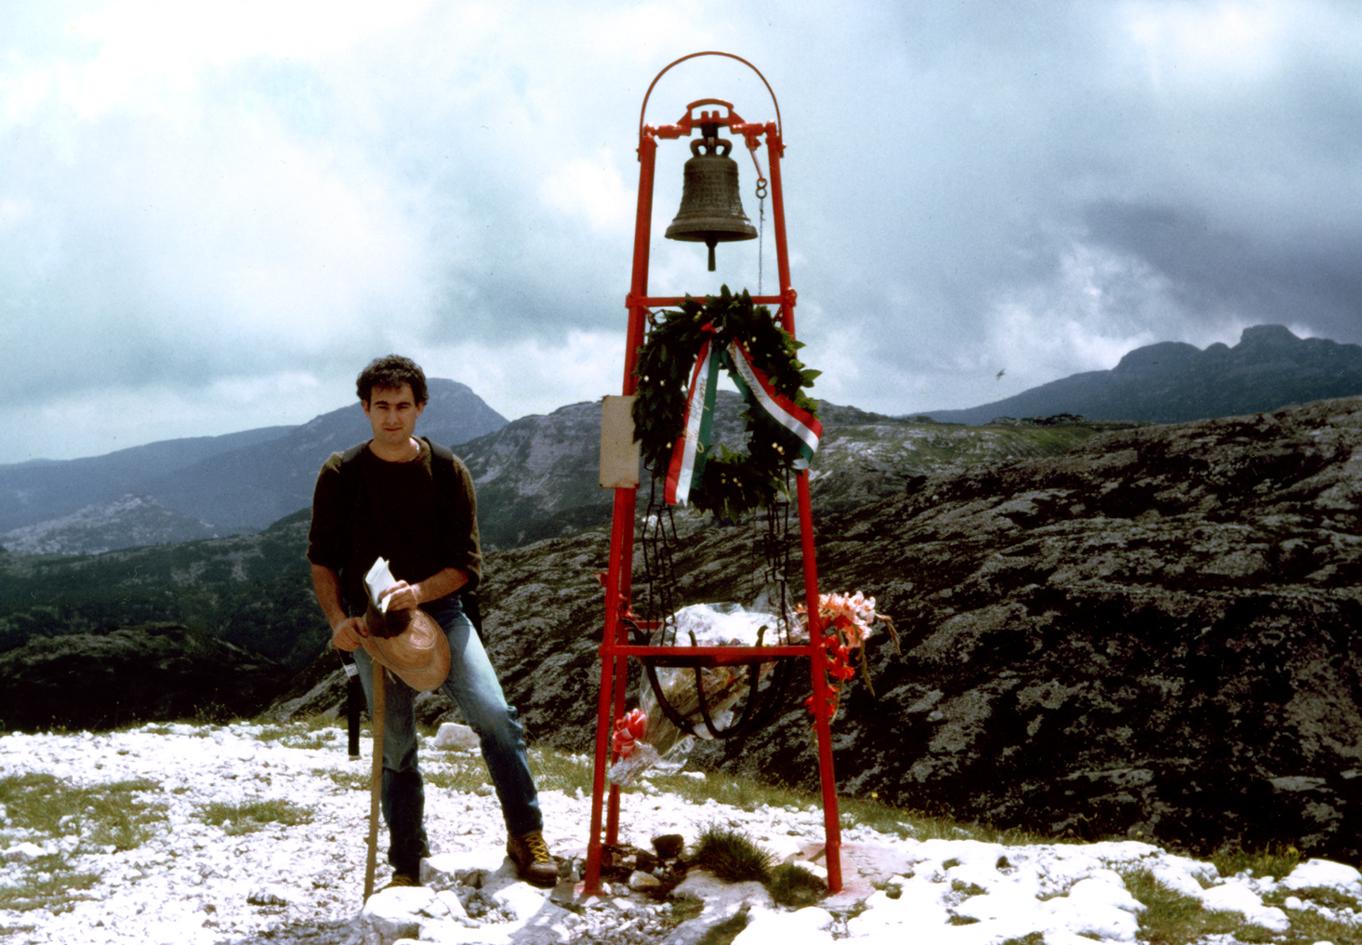 Un giovane Ruggero Dal Molin in Altopiano, con libri e appunti, alla Campana dei Caduti - Monte Ortigara